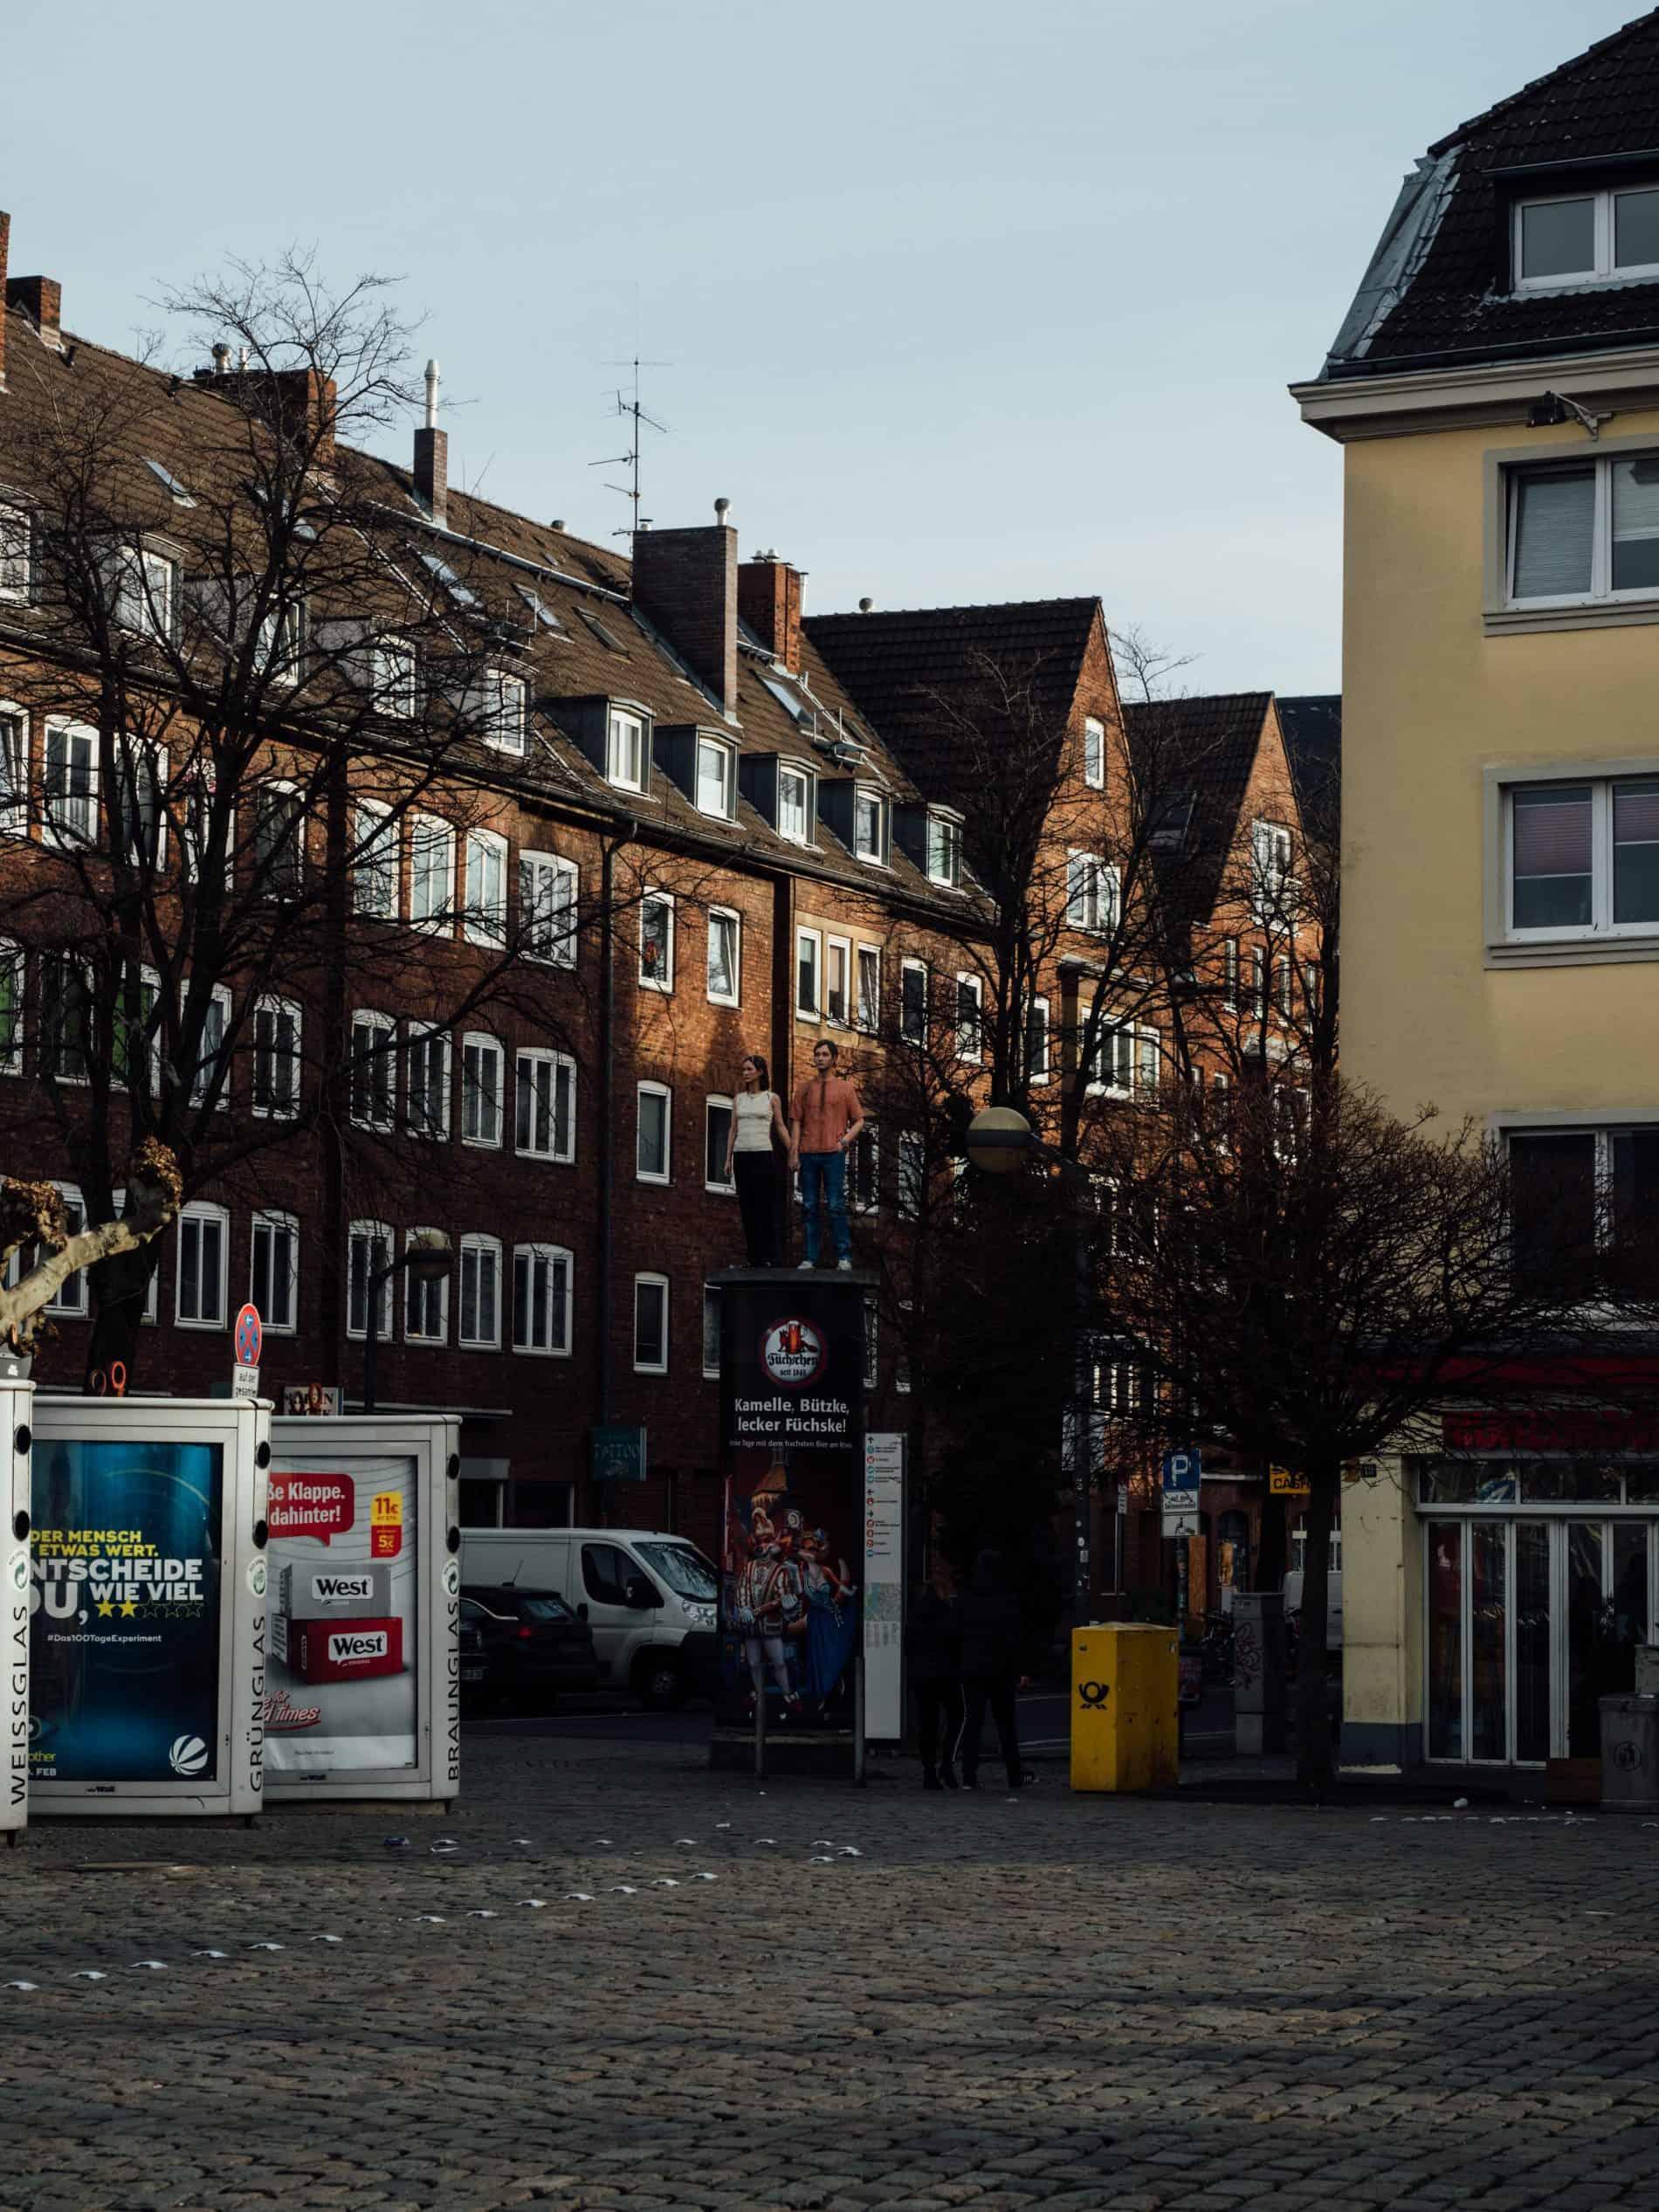 week end visiter Dusseldorf